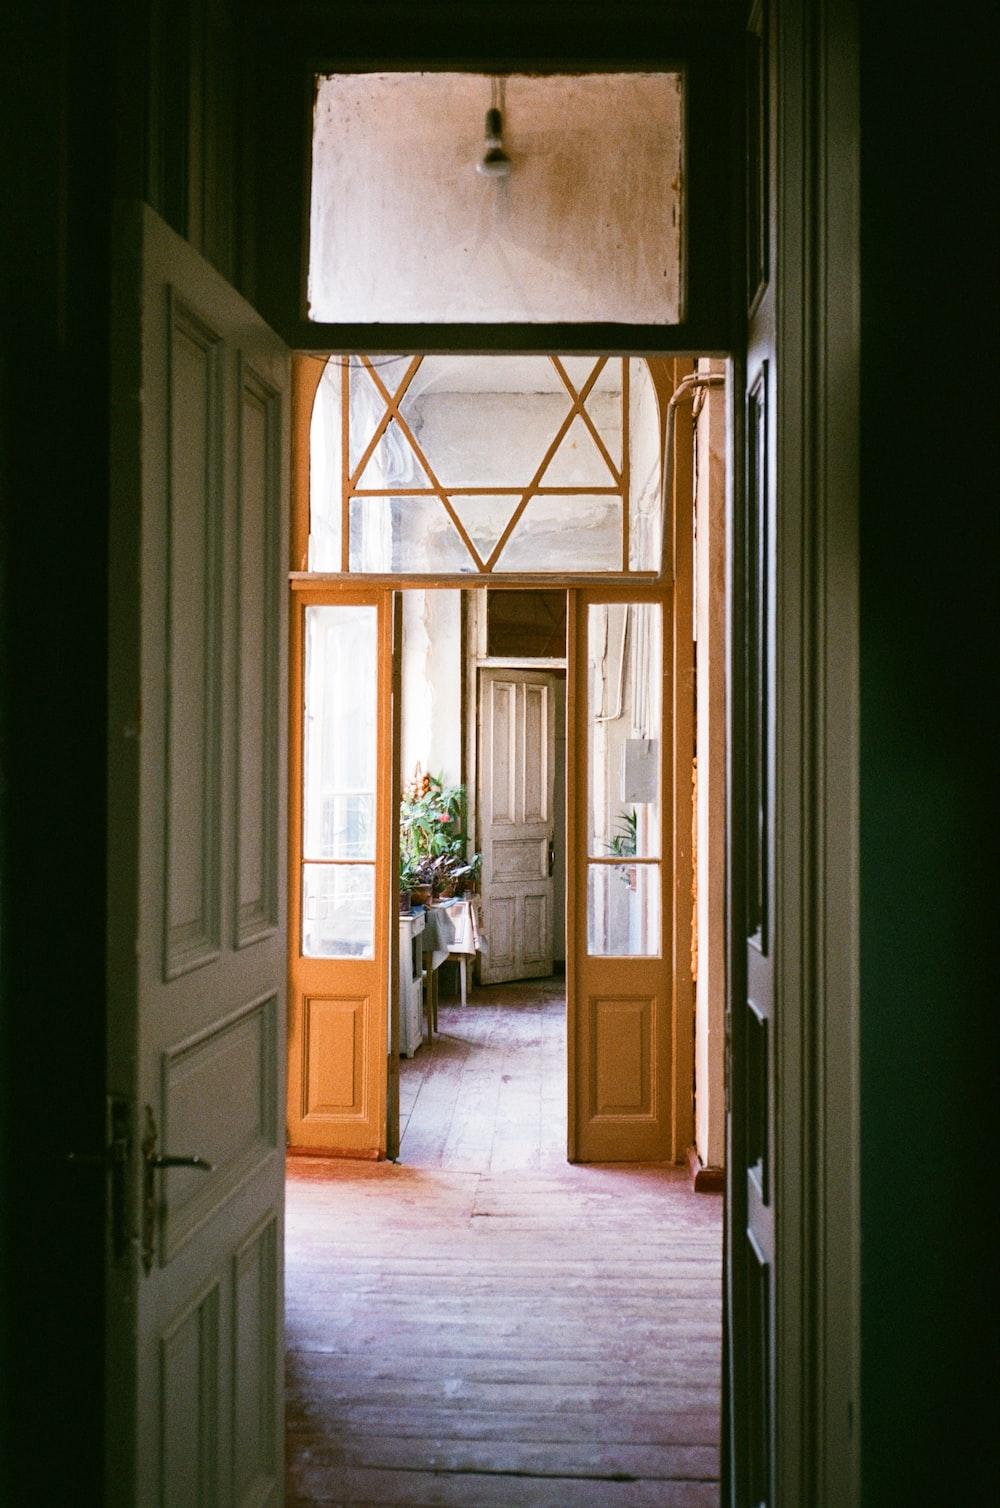 brown wooden door with glass panel